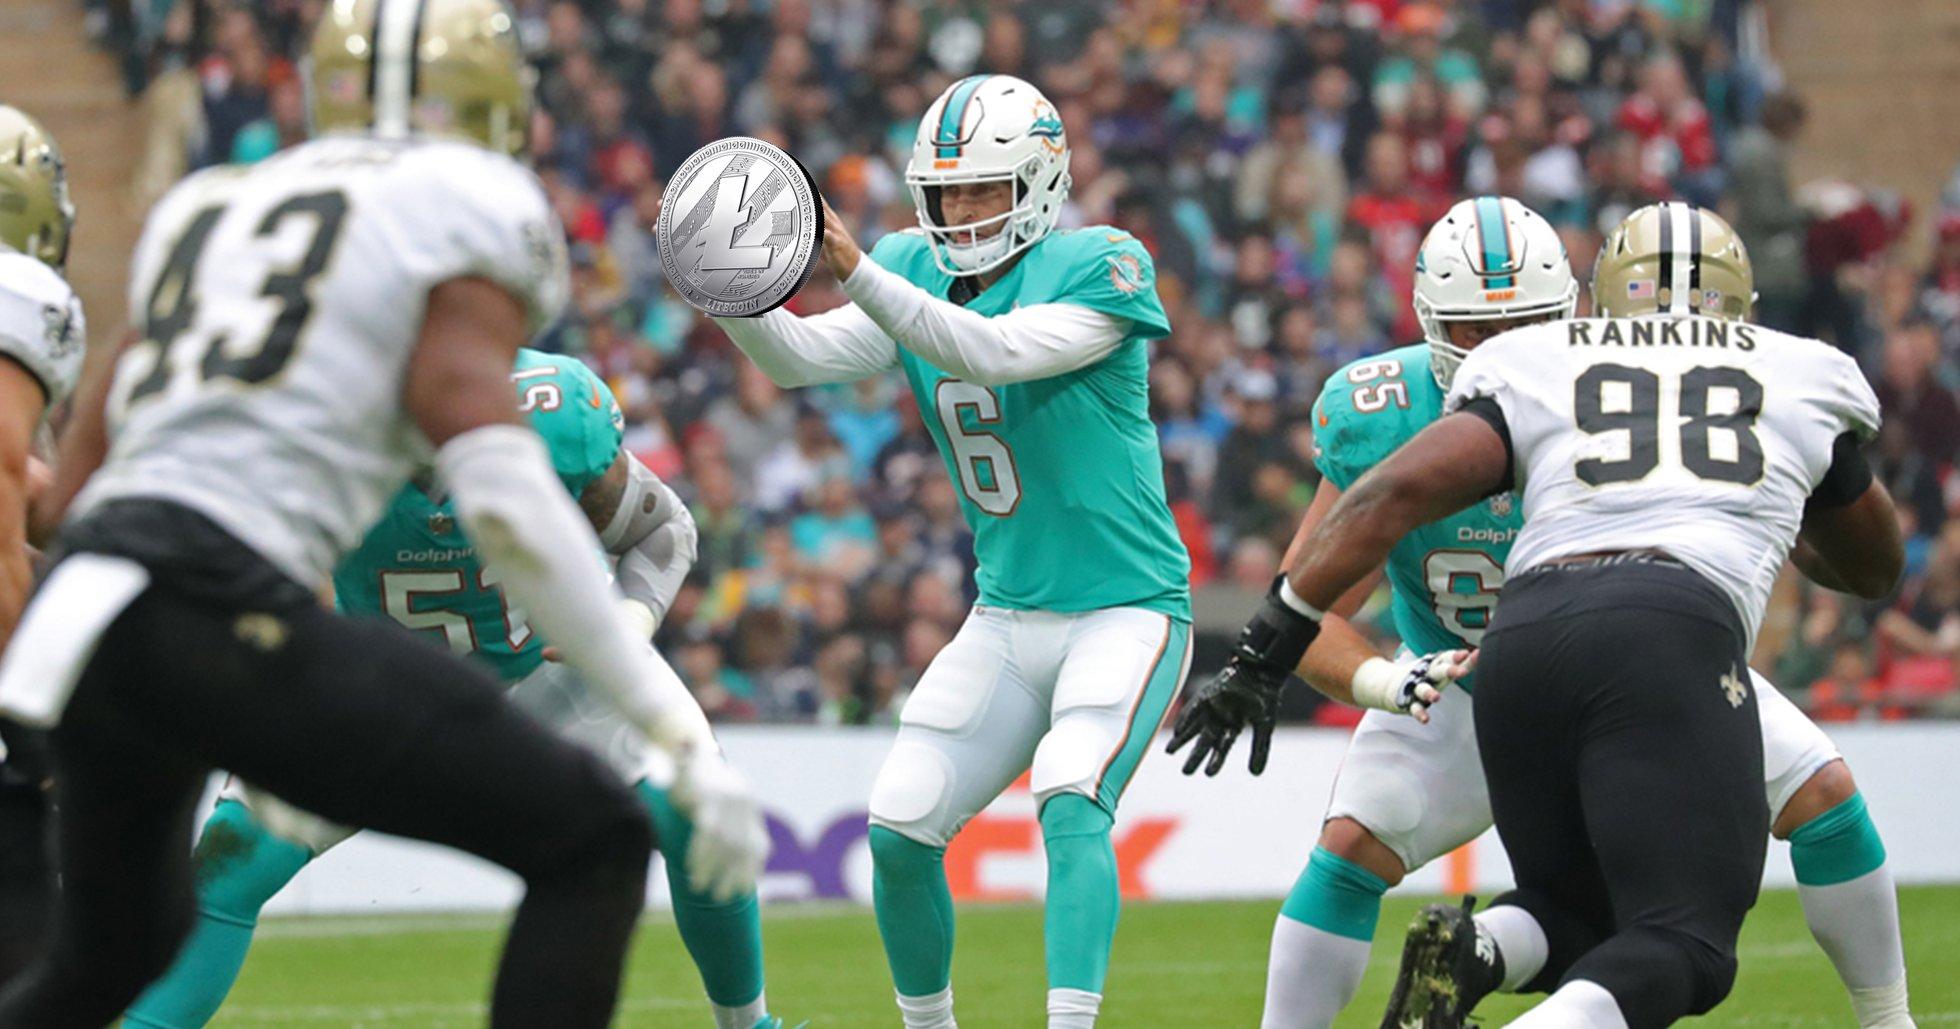 Amerikanska fotbollslaget Miami Dolphins gör litecoin till sin officiella kryptovaluta